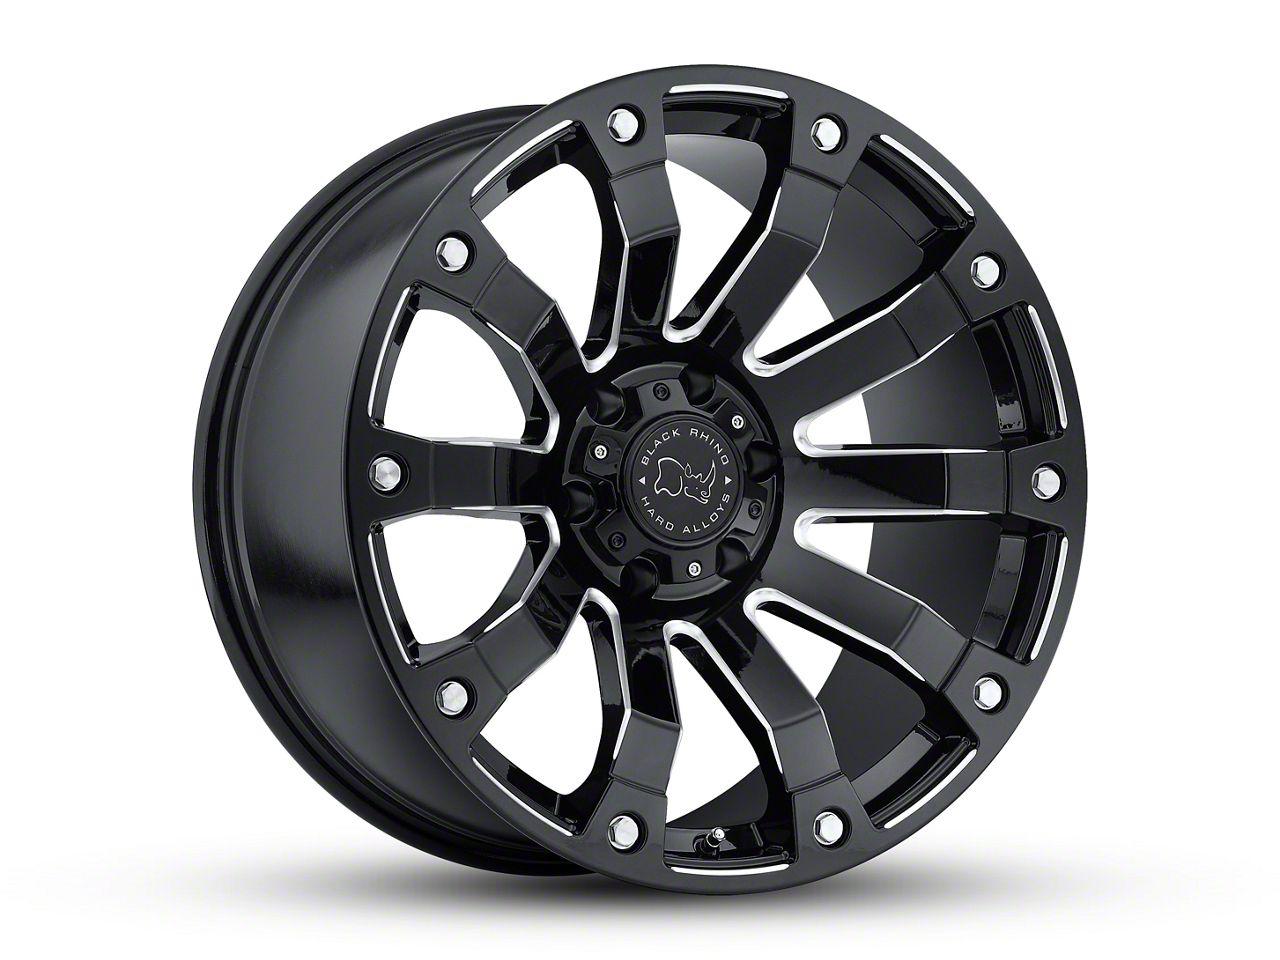 Black Rhino Selkirk Gloss Black Milled 6-Lug Wheel - 17x9 (99-18 Silverado 1500)